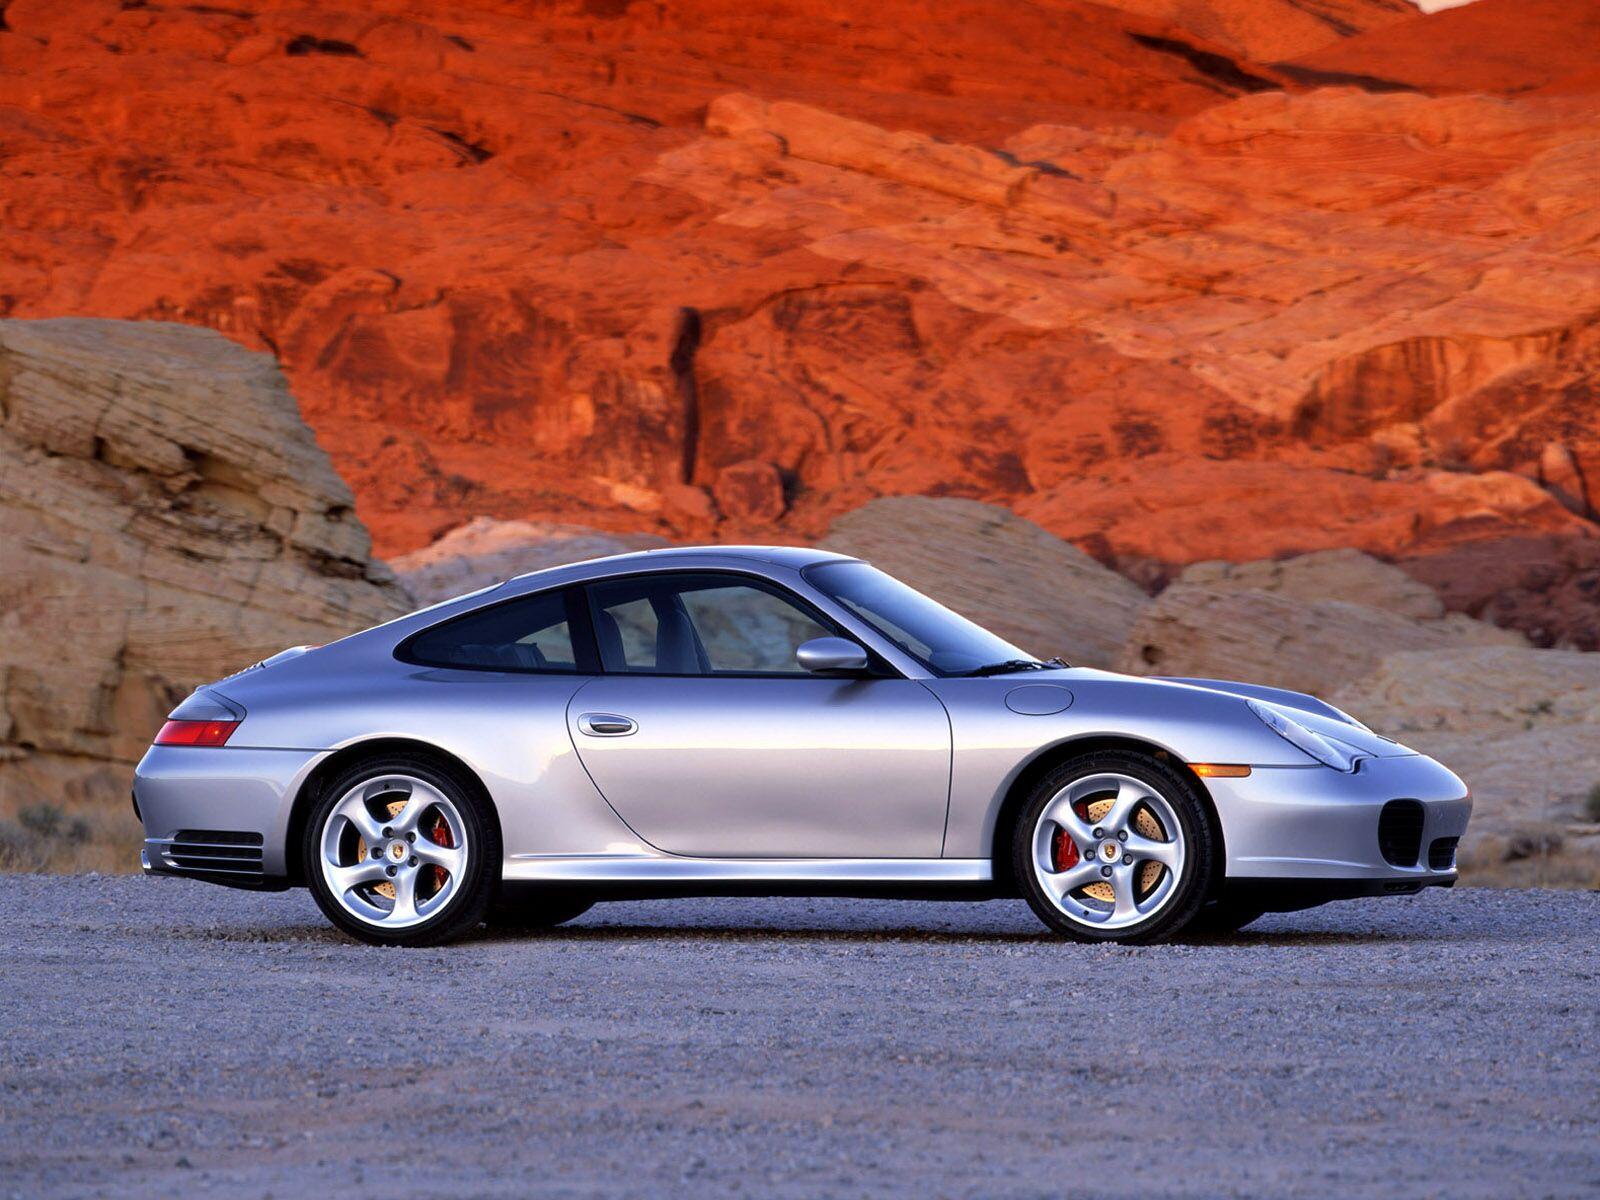 http://3.bp.blogspot.com/-S1a9DyOH5_I/T46SpRnA3RI/AAAAAAAA1gw/pYr0eUW2P_g/s1600/Porsche+996+911+Carrera+4S+Cars+Wallpapers+(1).jpg